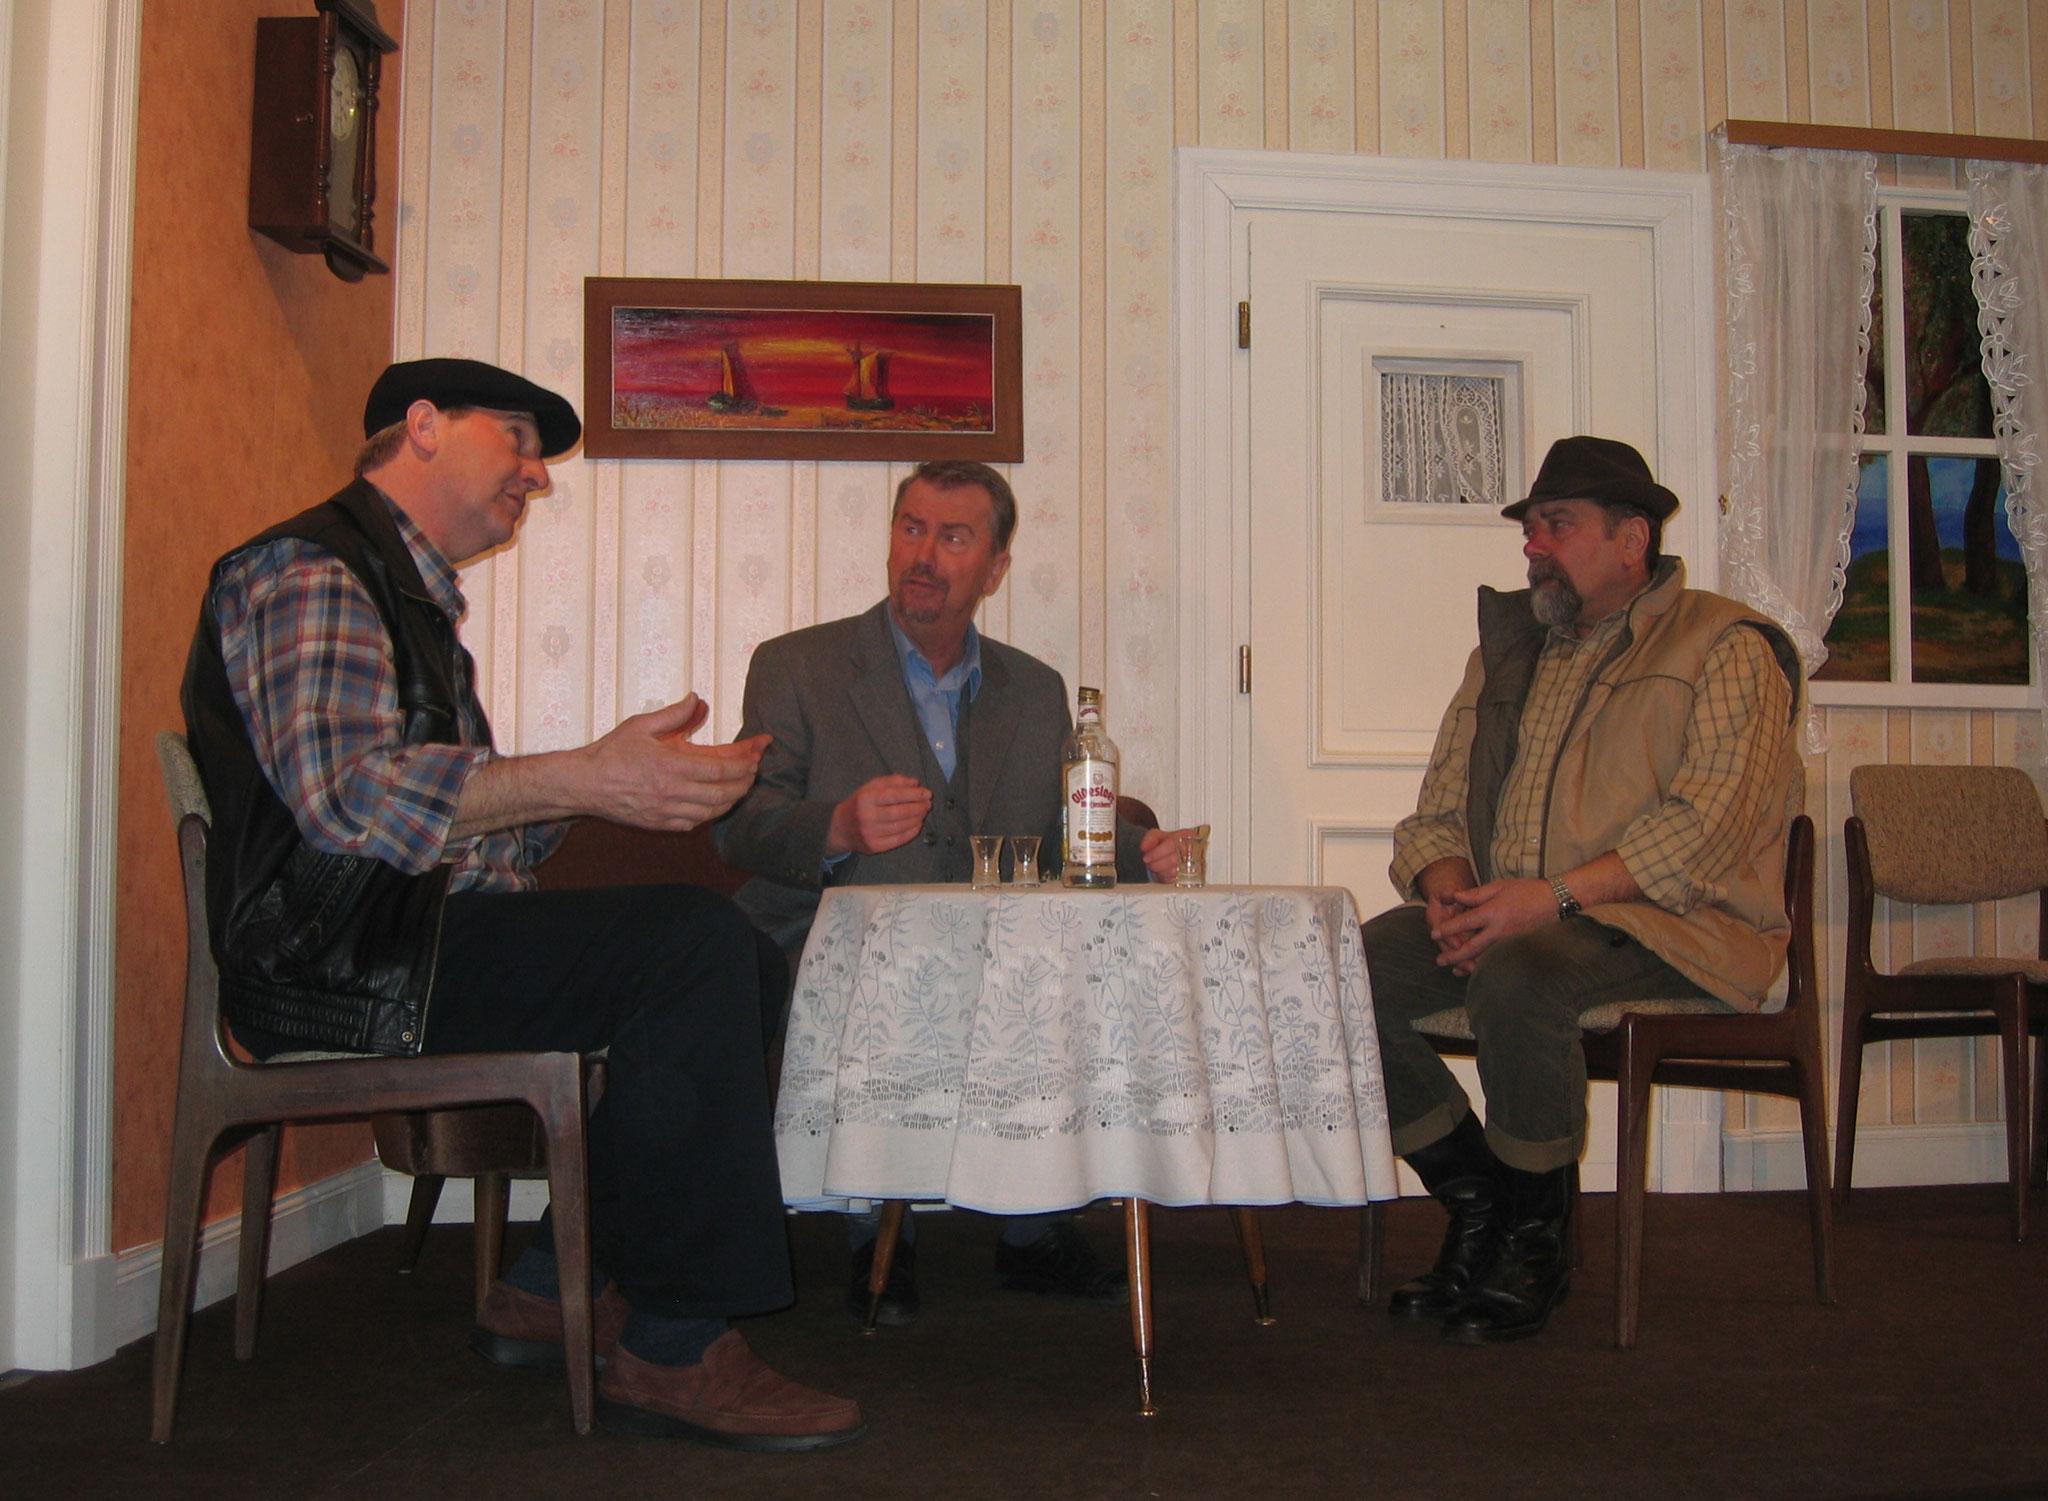 Wilke Visser, Fritz Mißfeldt, Jochen Besler